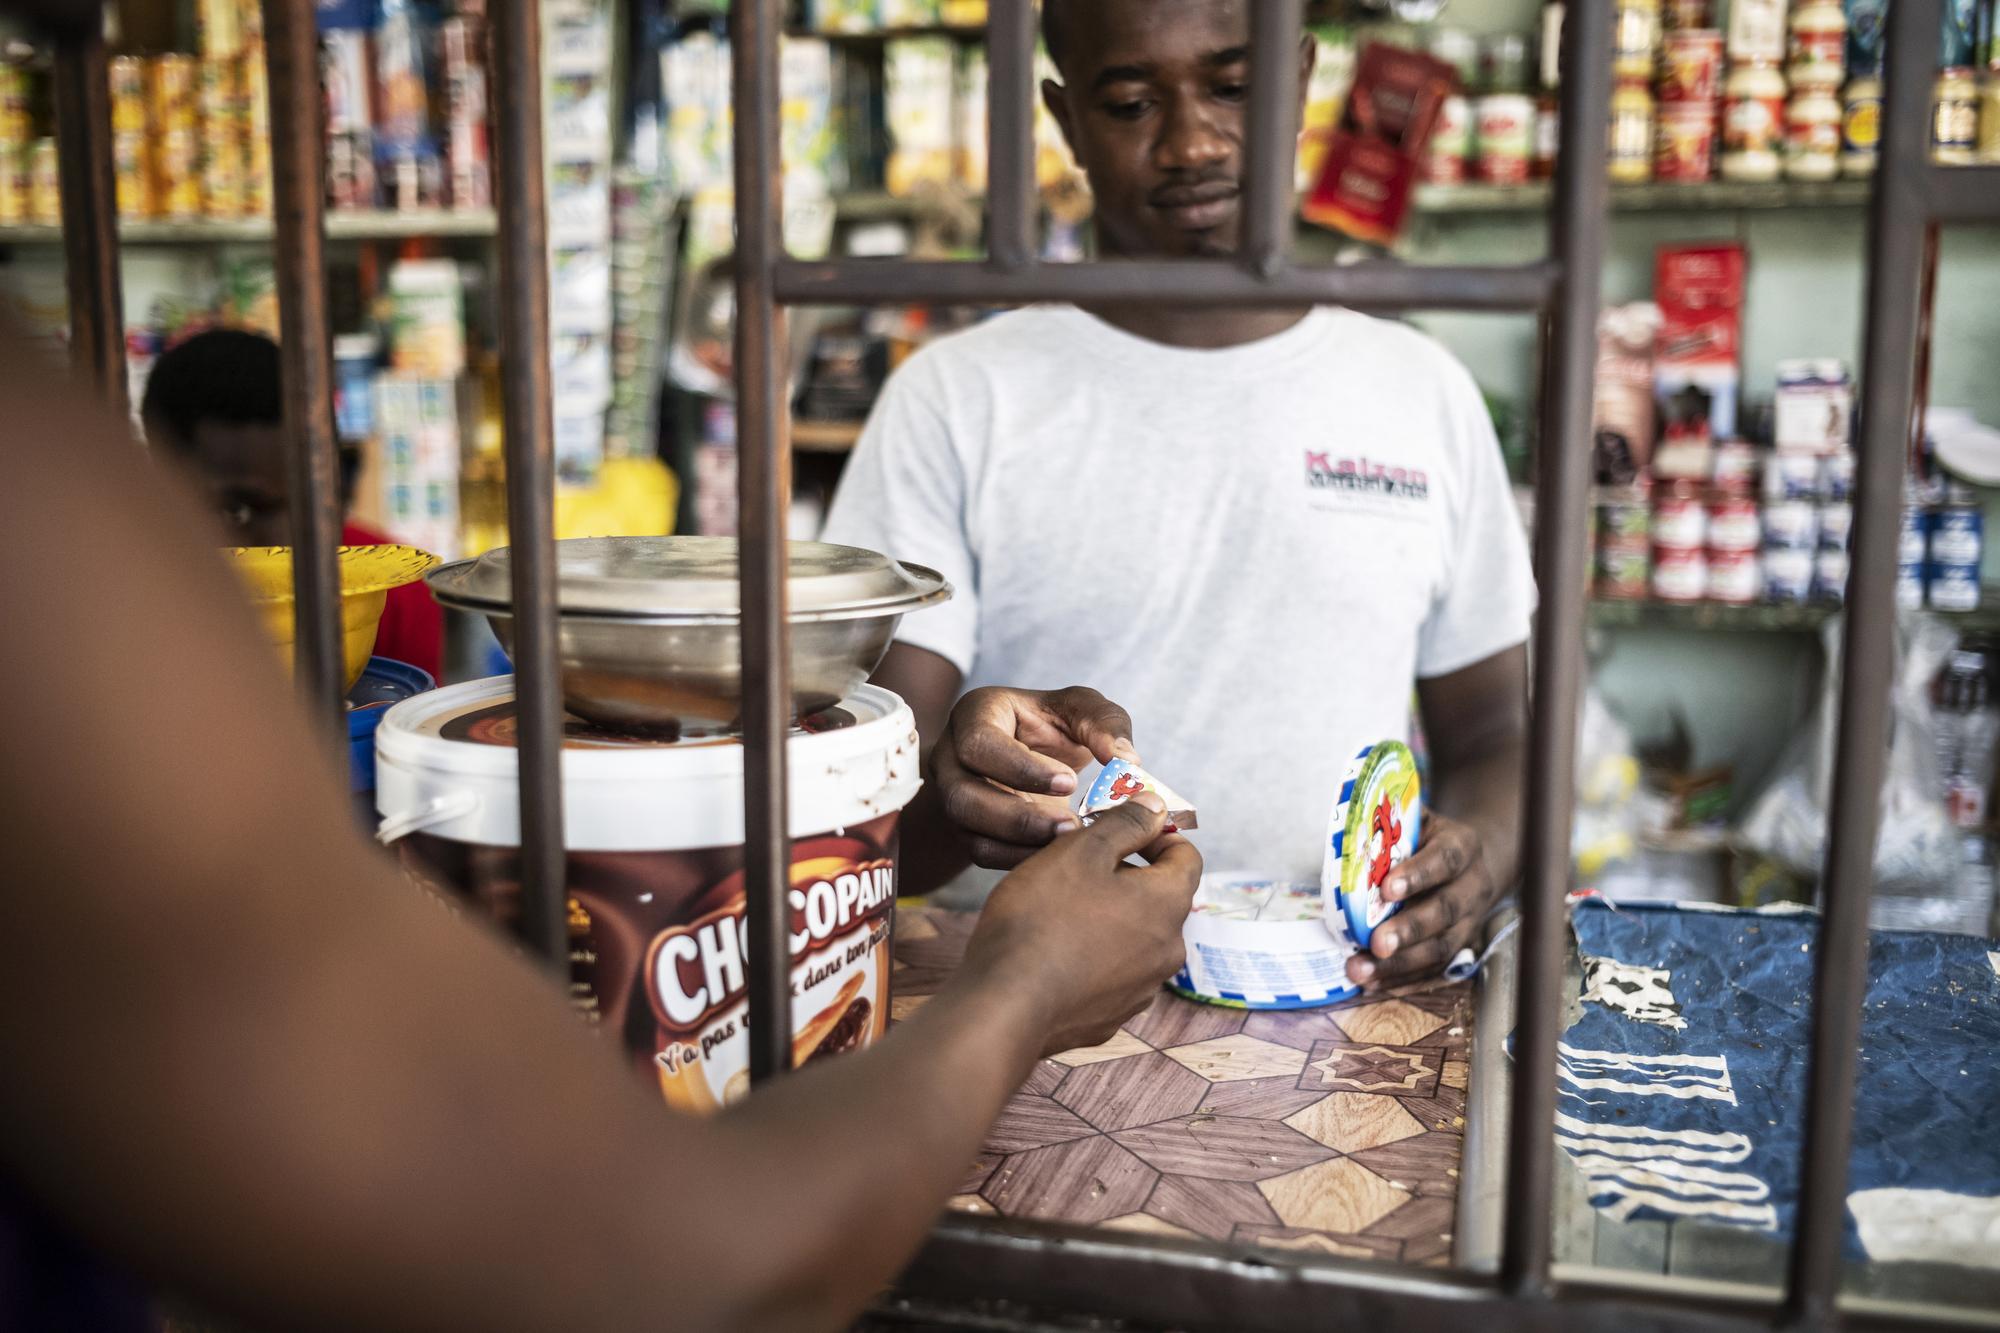 La pâte fromagère se vend aussi à la portion, comme ici dans une boutique de quartier à Dakar.